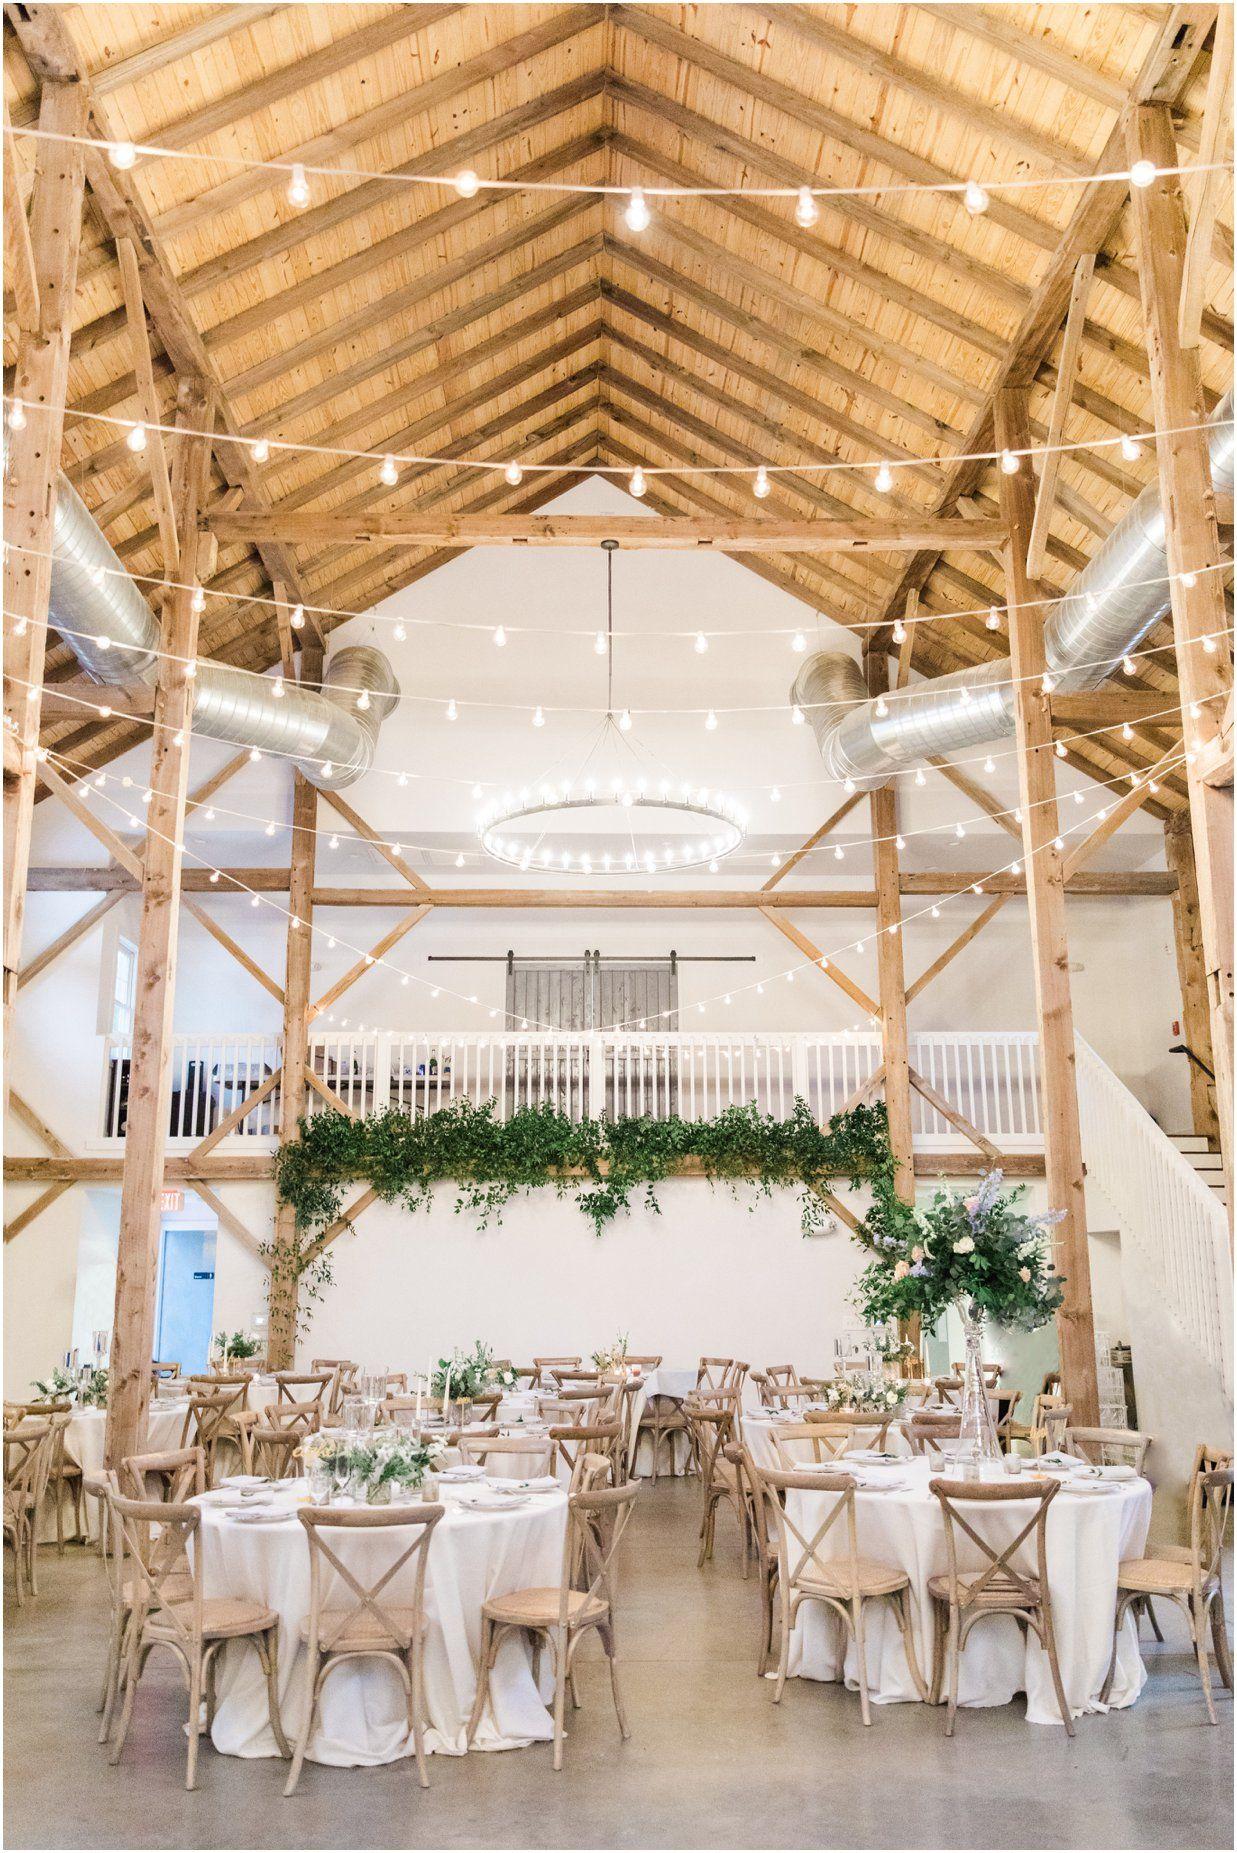 The Barn of Chapel Hill Nc wedding, Barn wedding